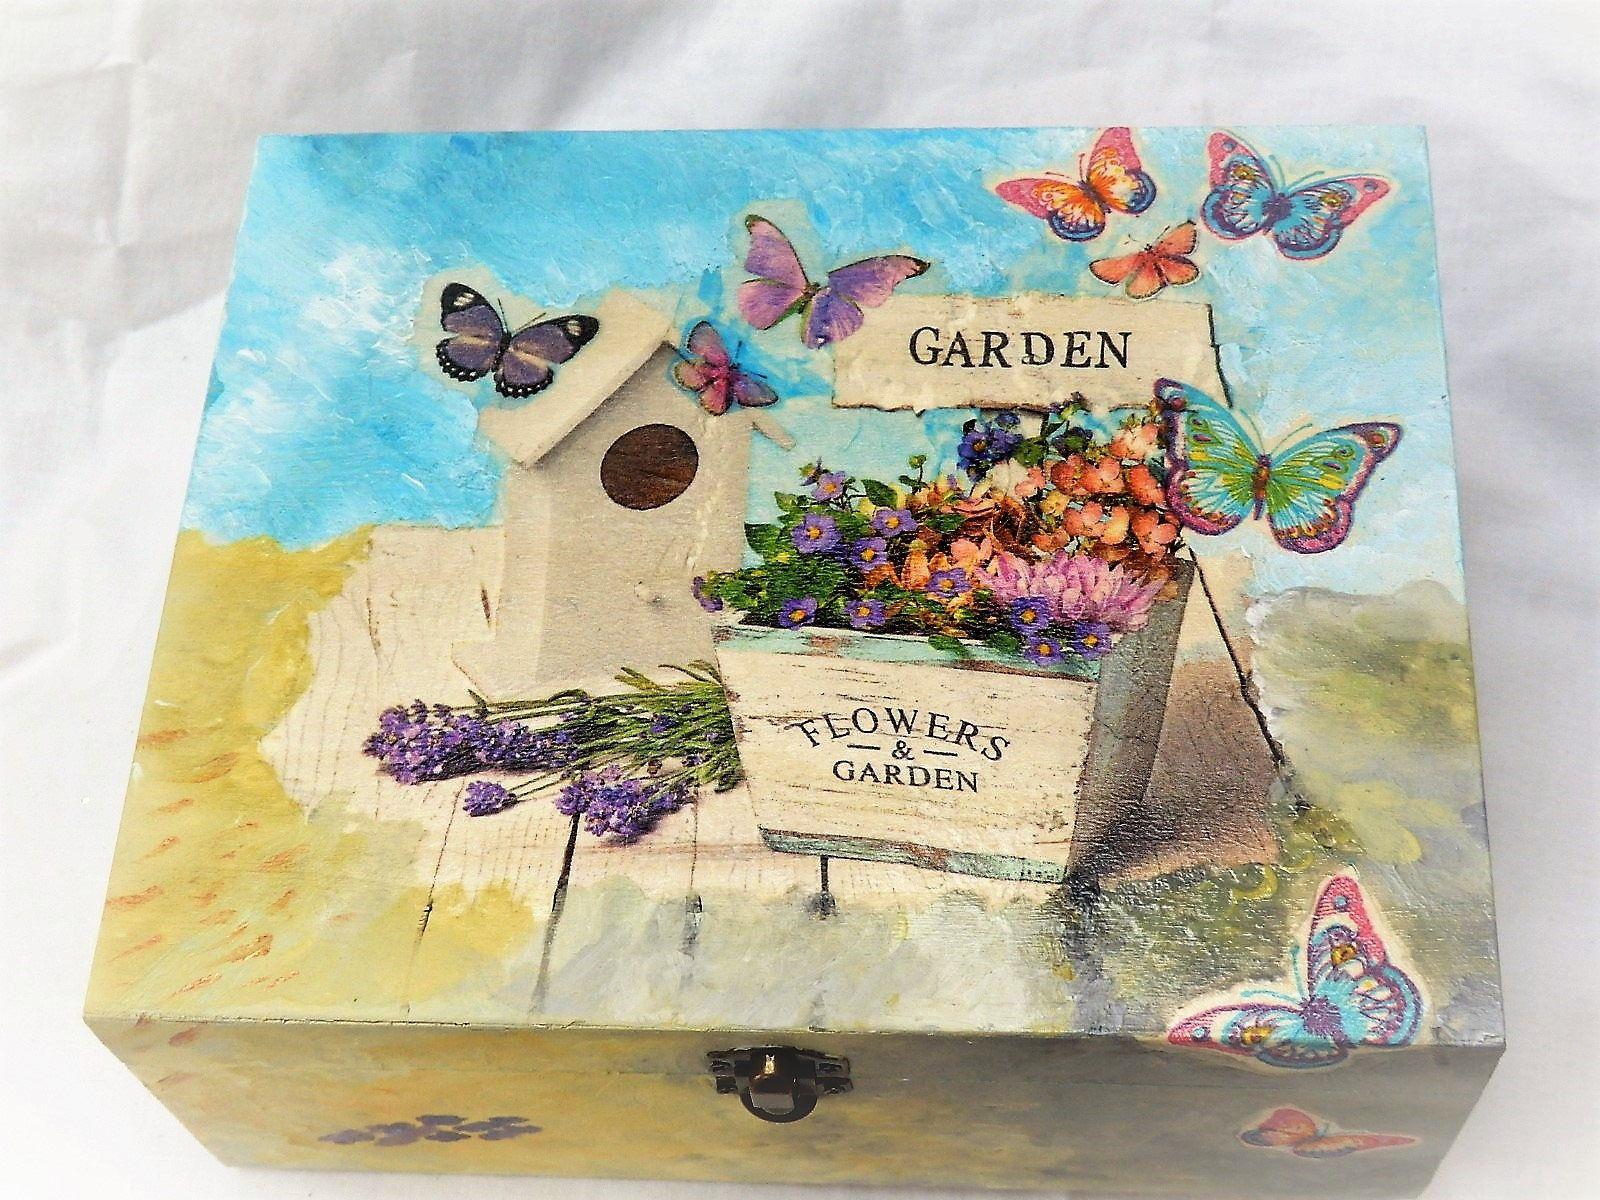 Gardener S Gift Idea Garden Keepsake Box Gift For A Gardener